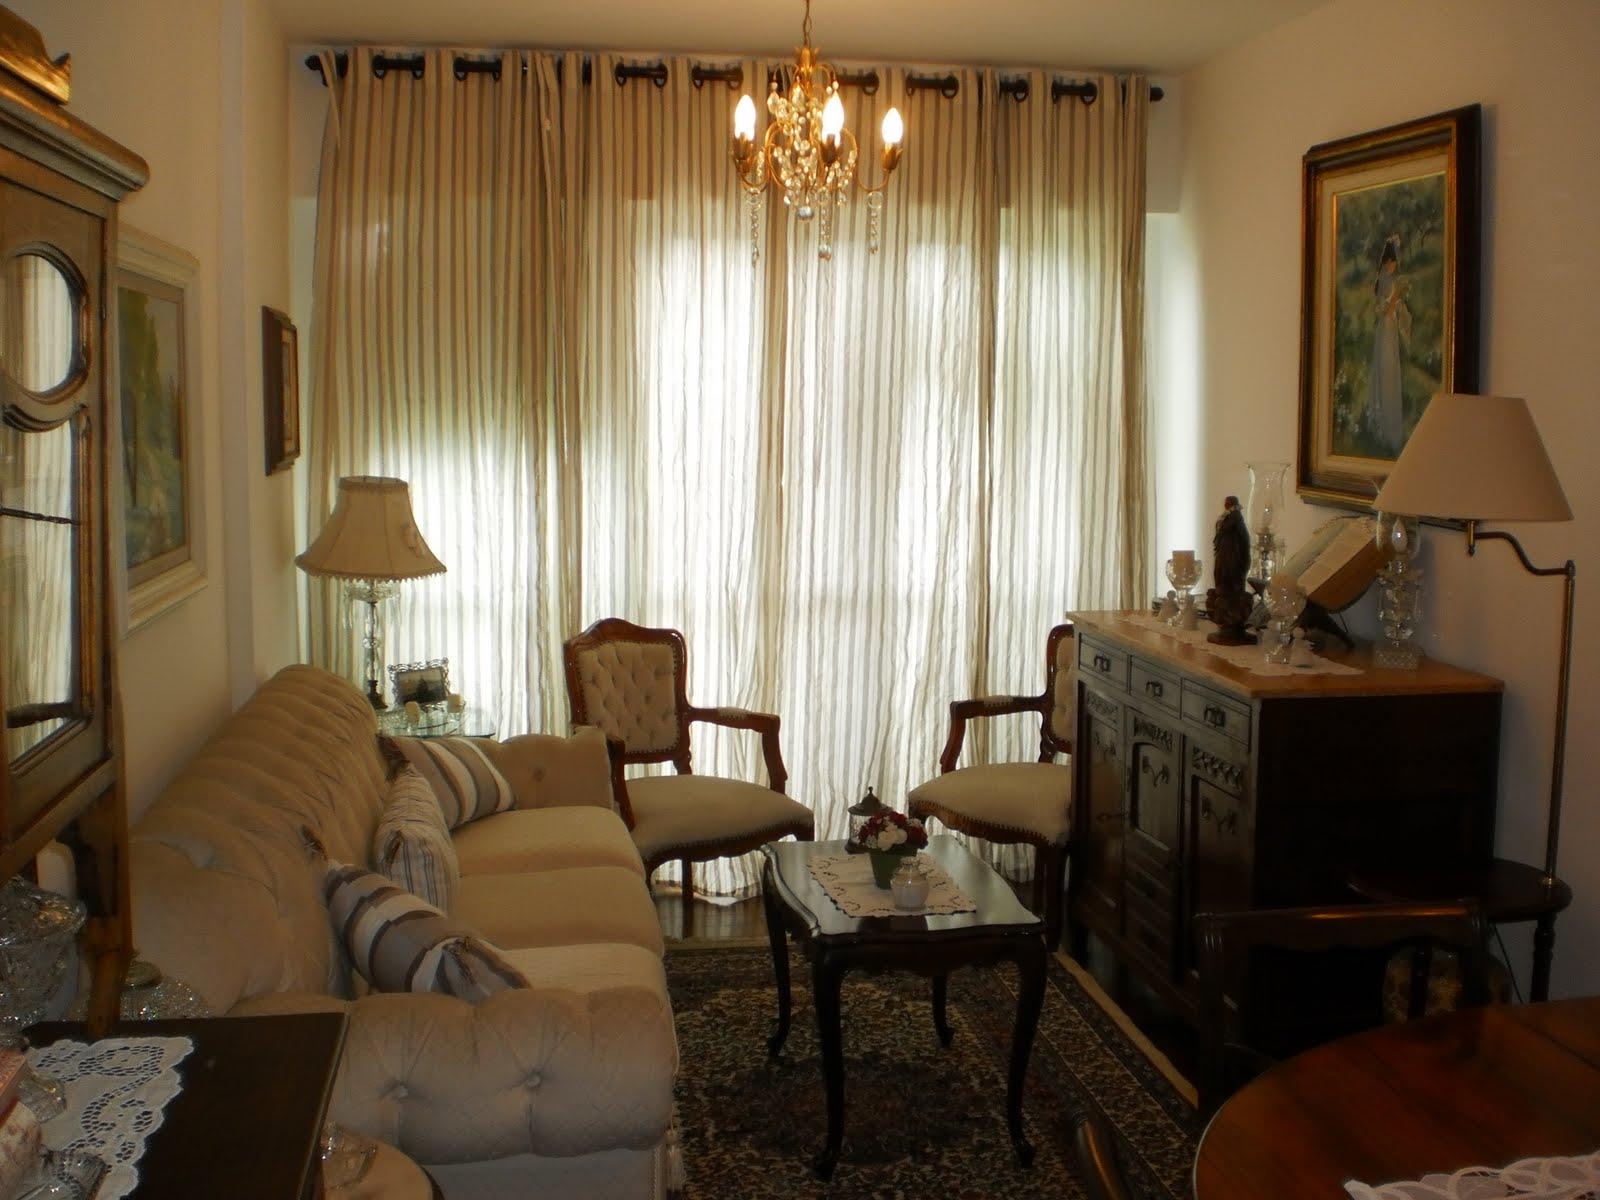 Decorando minha casa: Minha sala de estar e de jantar #9B6A30 1600x1200